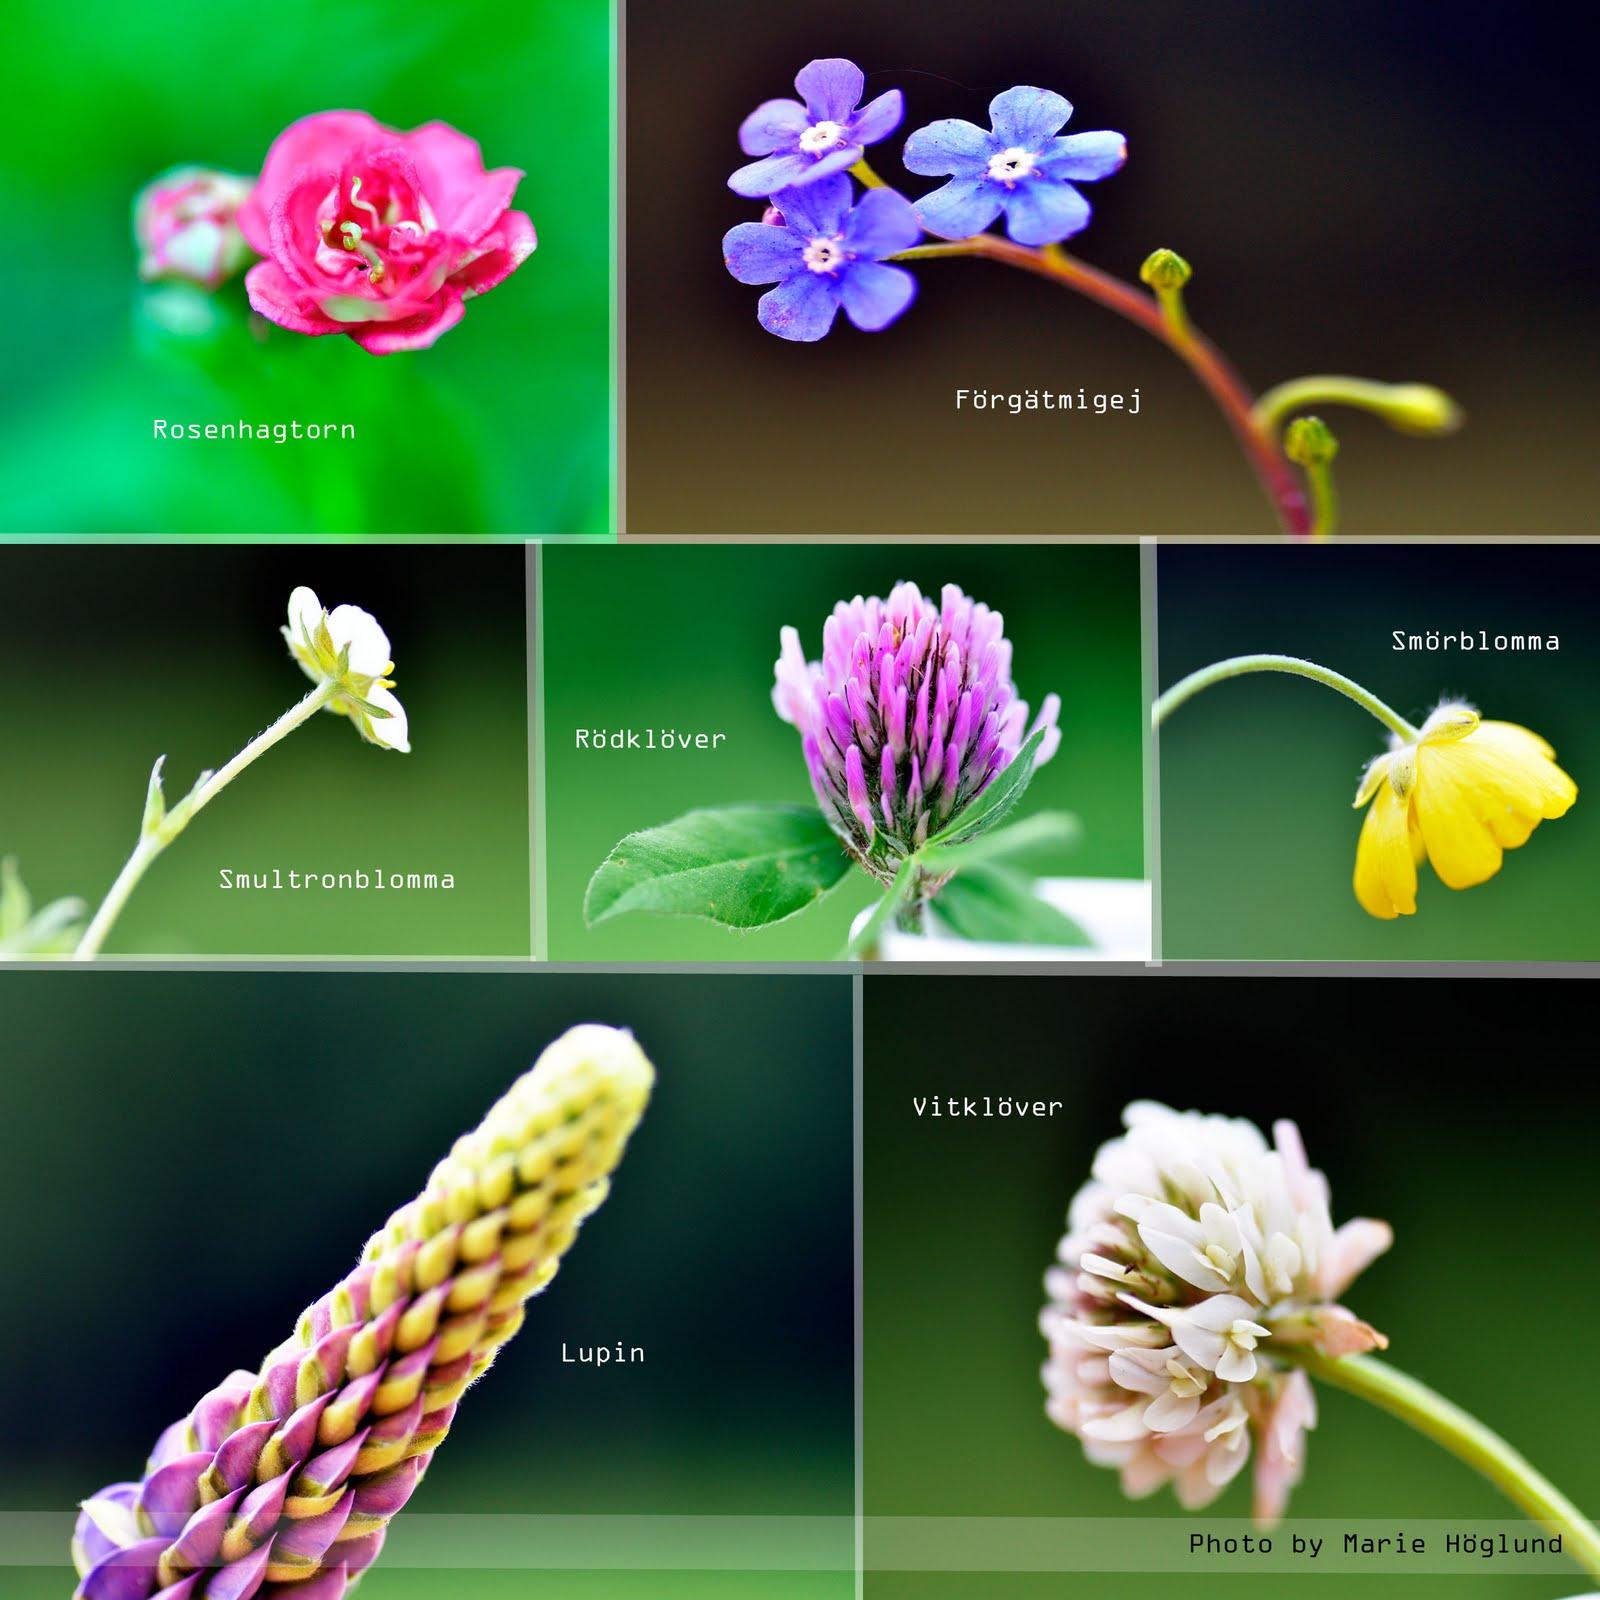 blommor olika sorter